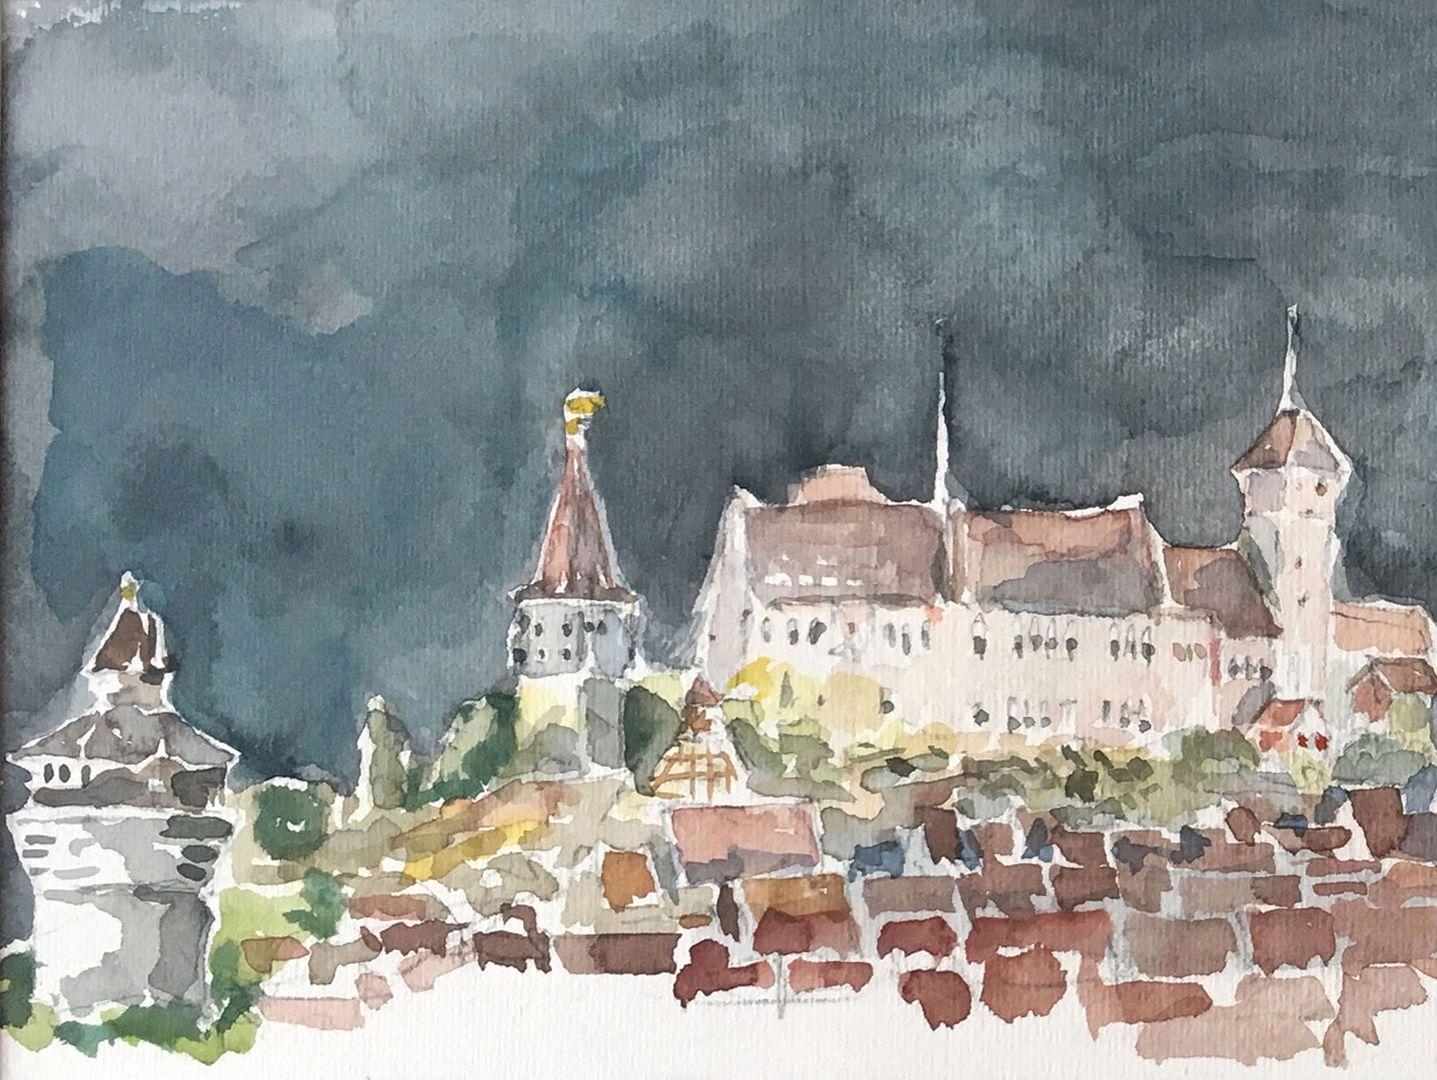 Nürnberg bei Nacht Bildausschnitt: Blick über die Stadt mit Neutorturm, Tiergärtnertorturm und Palas